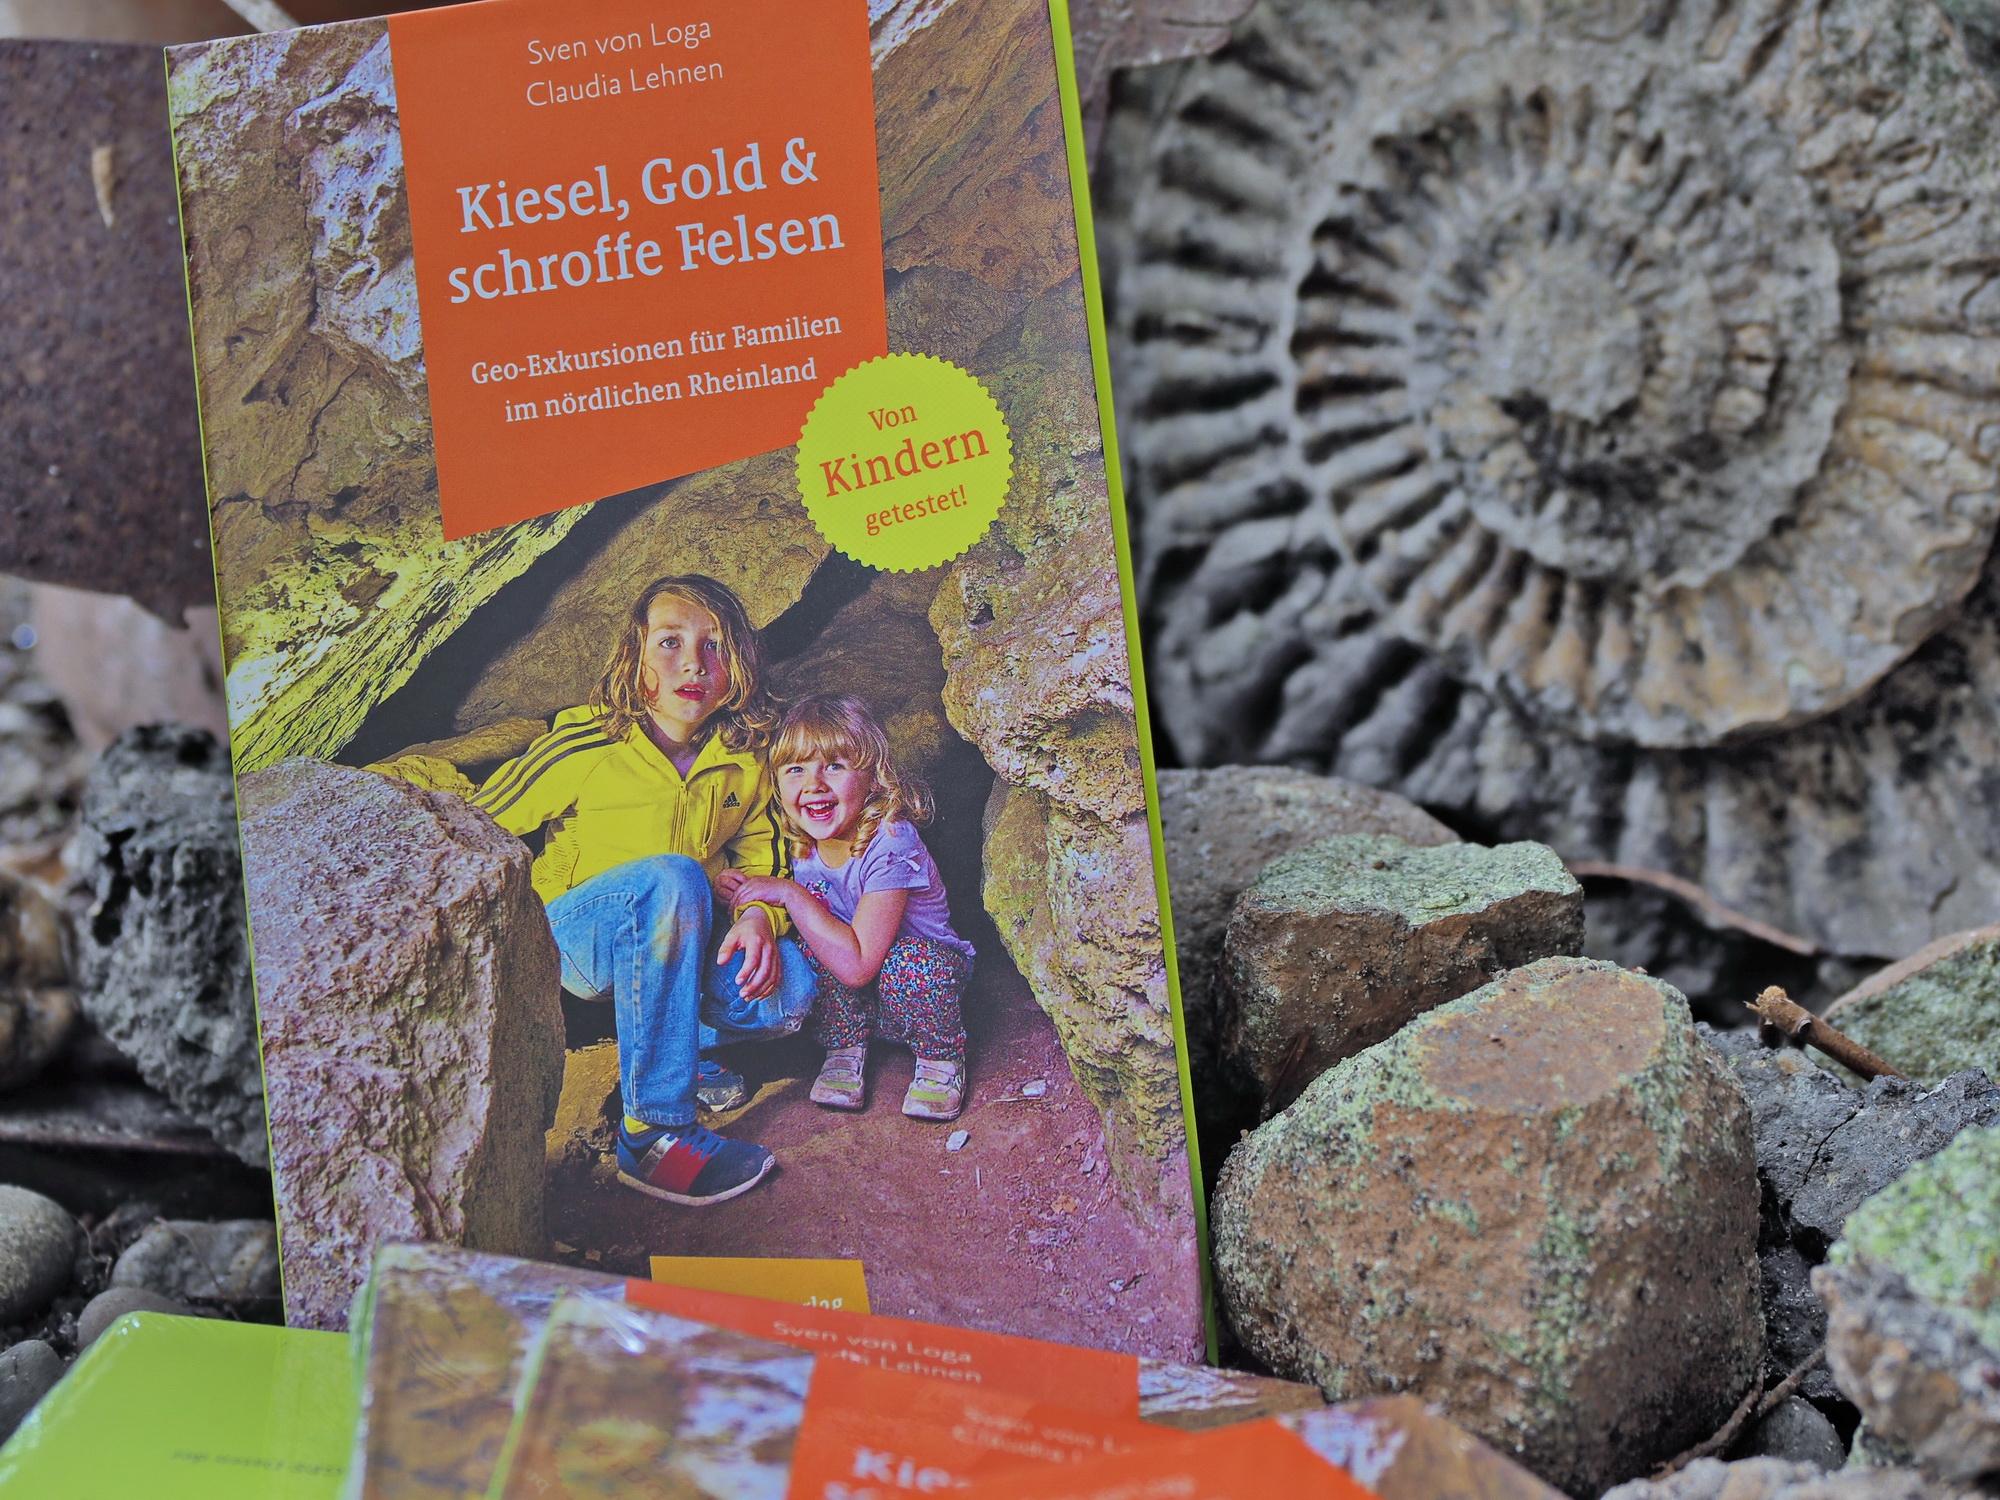 Kiesel, Gold und schroffe Felsen. Exkursionen und Ausflüge im Rheinland.